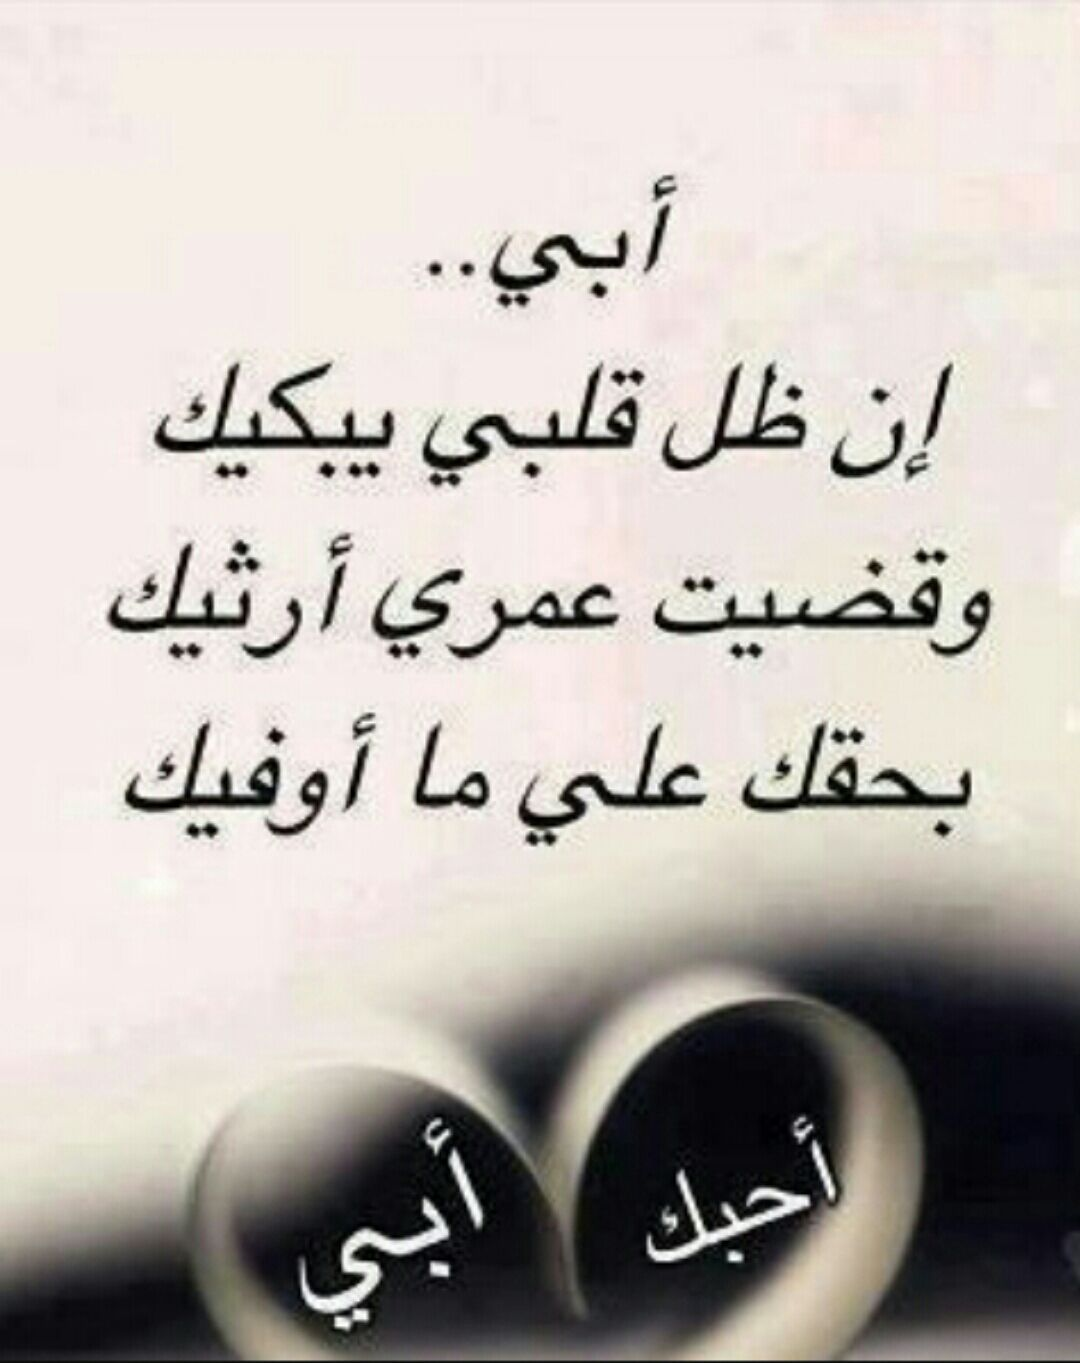 بالصور صور عن فراق الاب , صور حزينه عن فراق الاب 3195 6